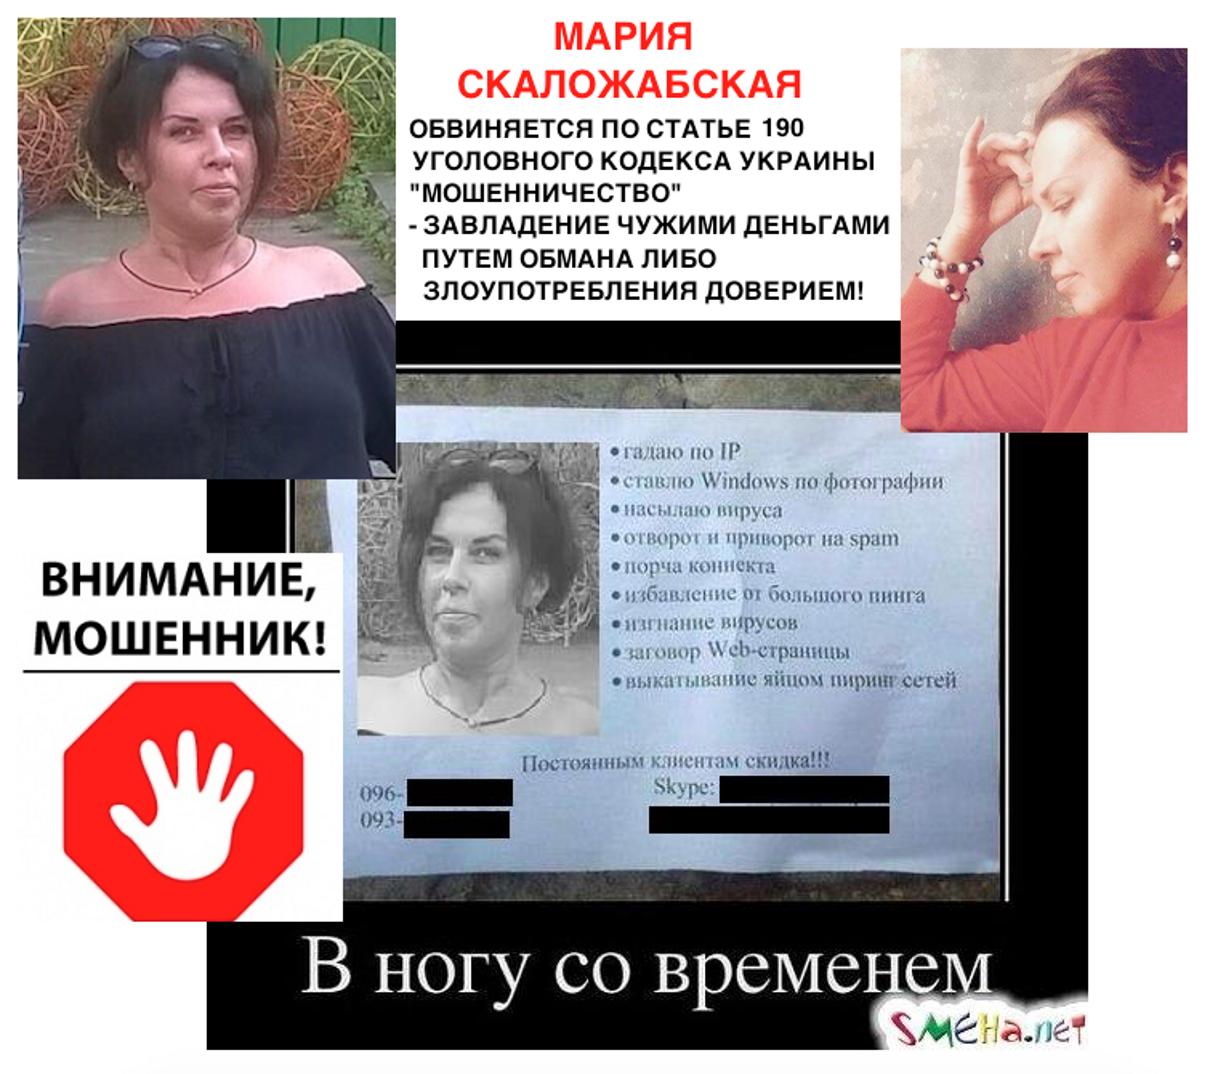 Жалоба-отзыв: МАРИЯ СКАЛОЖАБСКАЯ - МАРИЯ СКАЛОЖАБСКАЯ МОШЕННИЦА-ШИЗОФРЕНИК!.  Фото №1